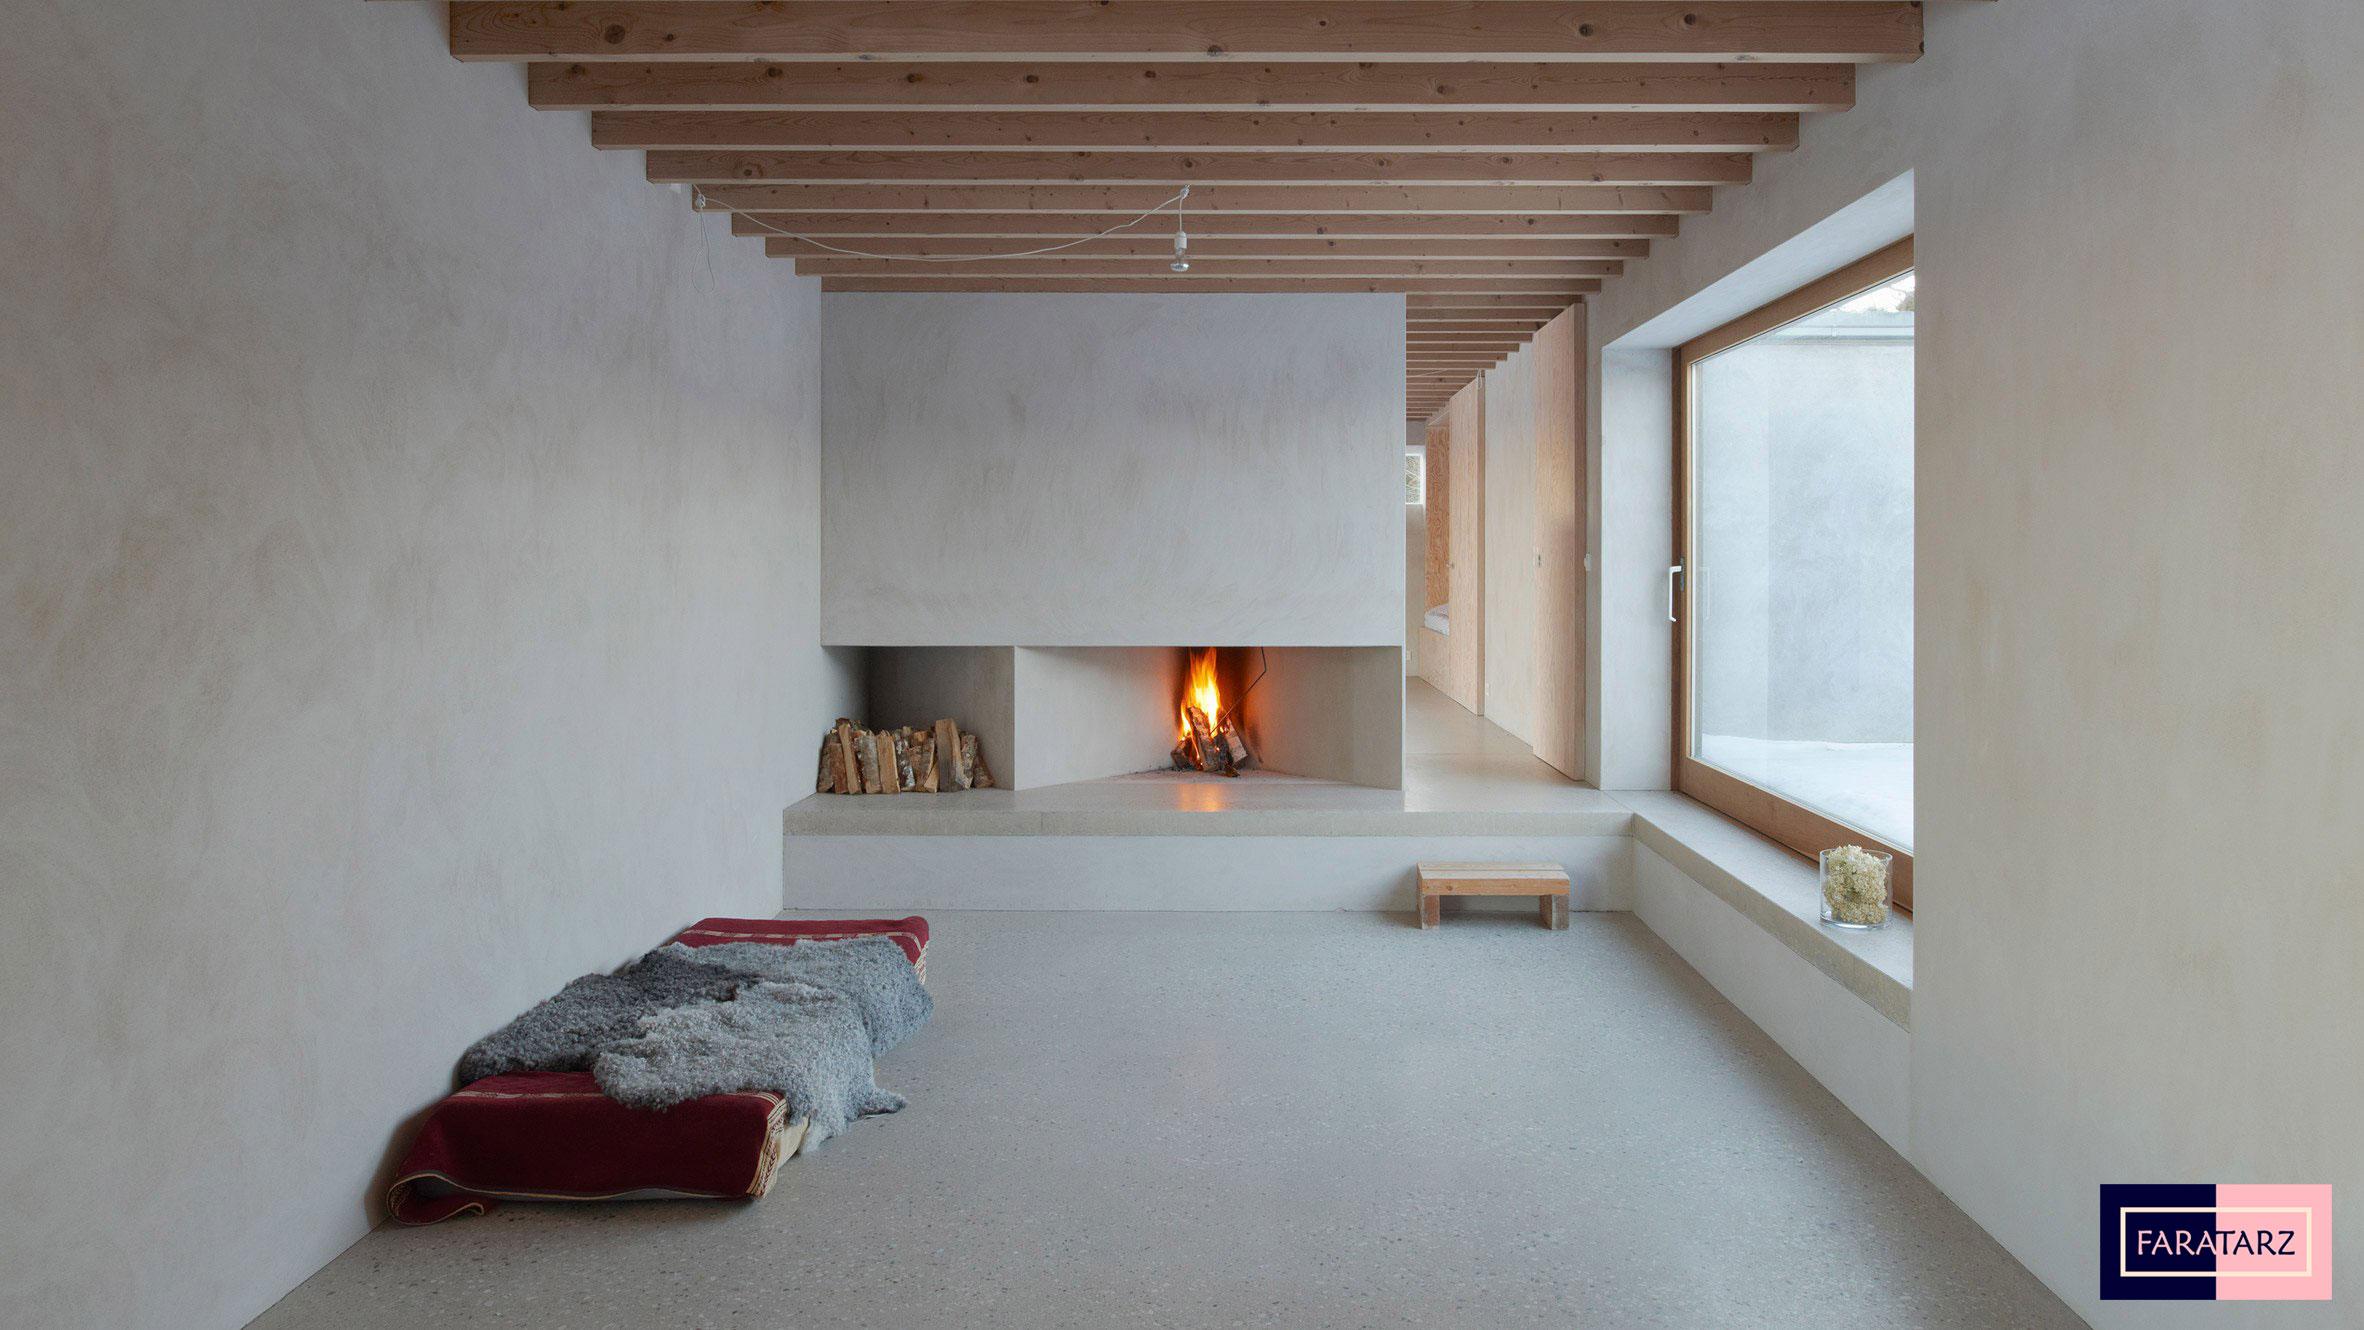 سبک مینیمال در معماری داخلی